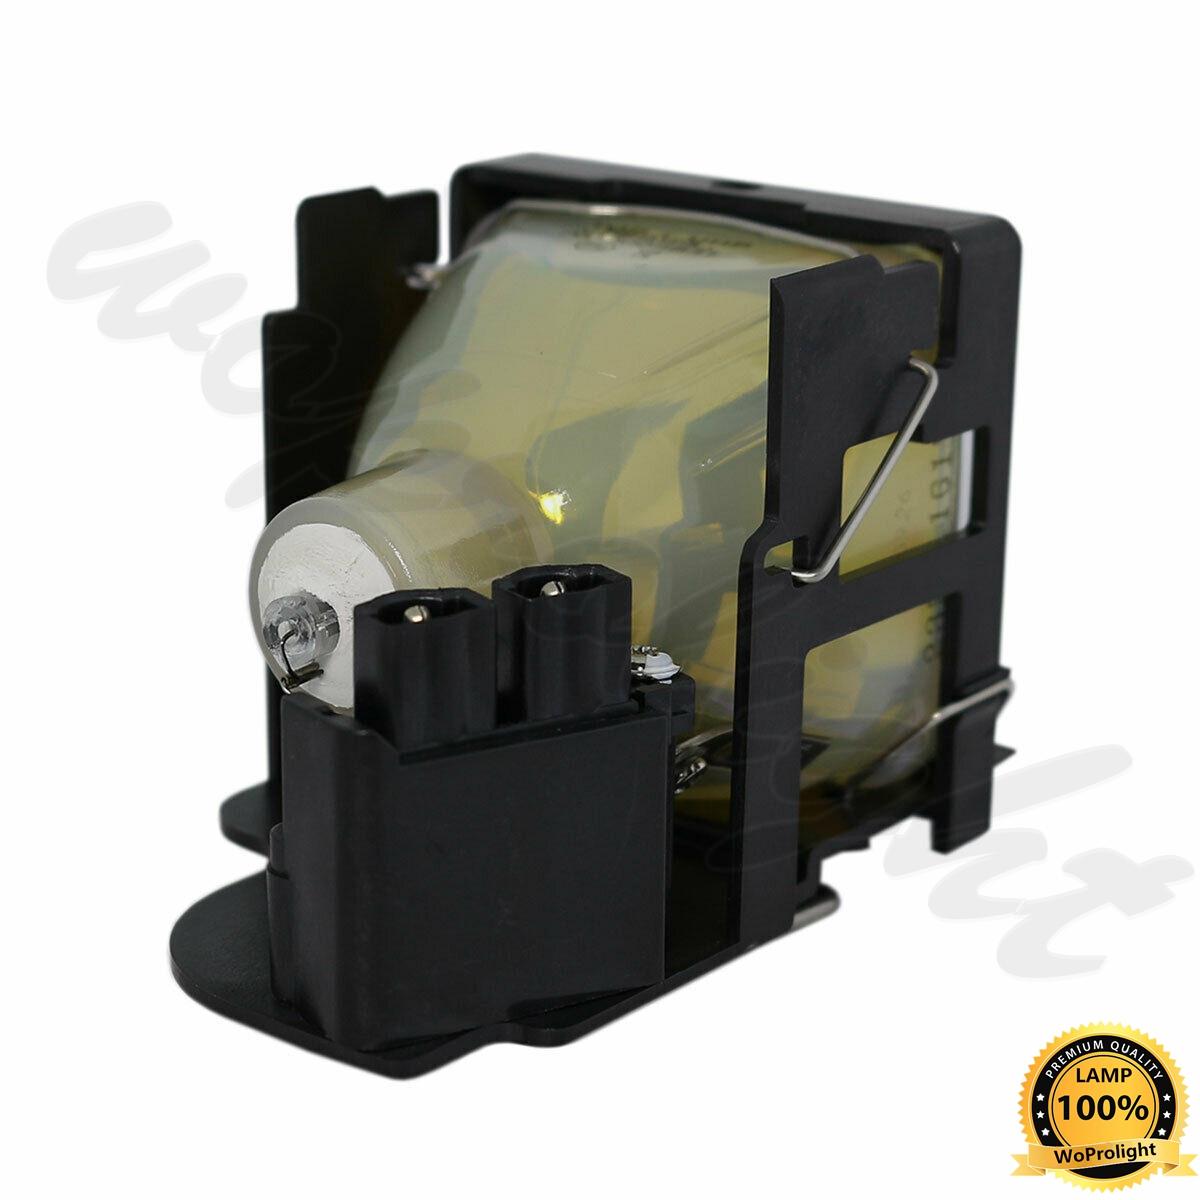 Original LMP-C120 Projector Lamp for SONY VPL-CS1 VPL-CS2